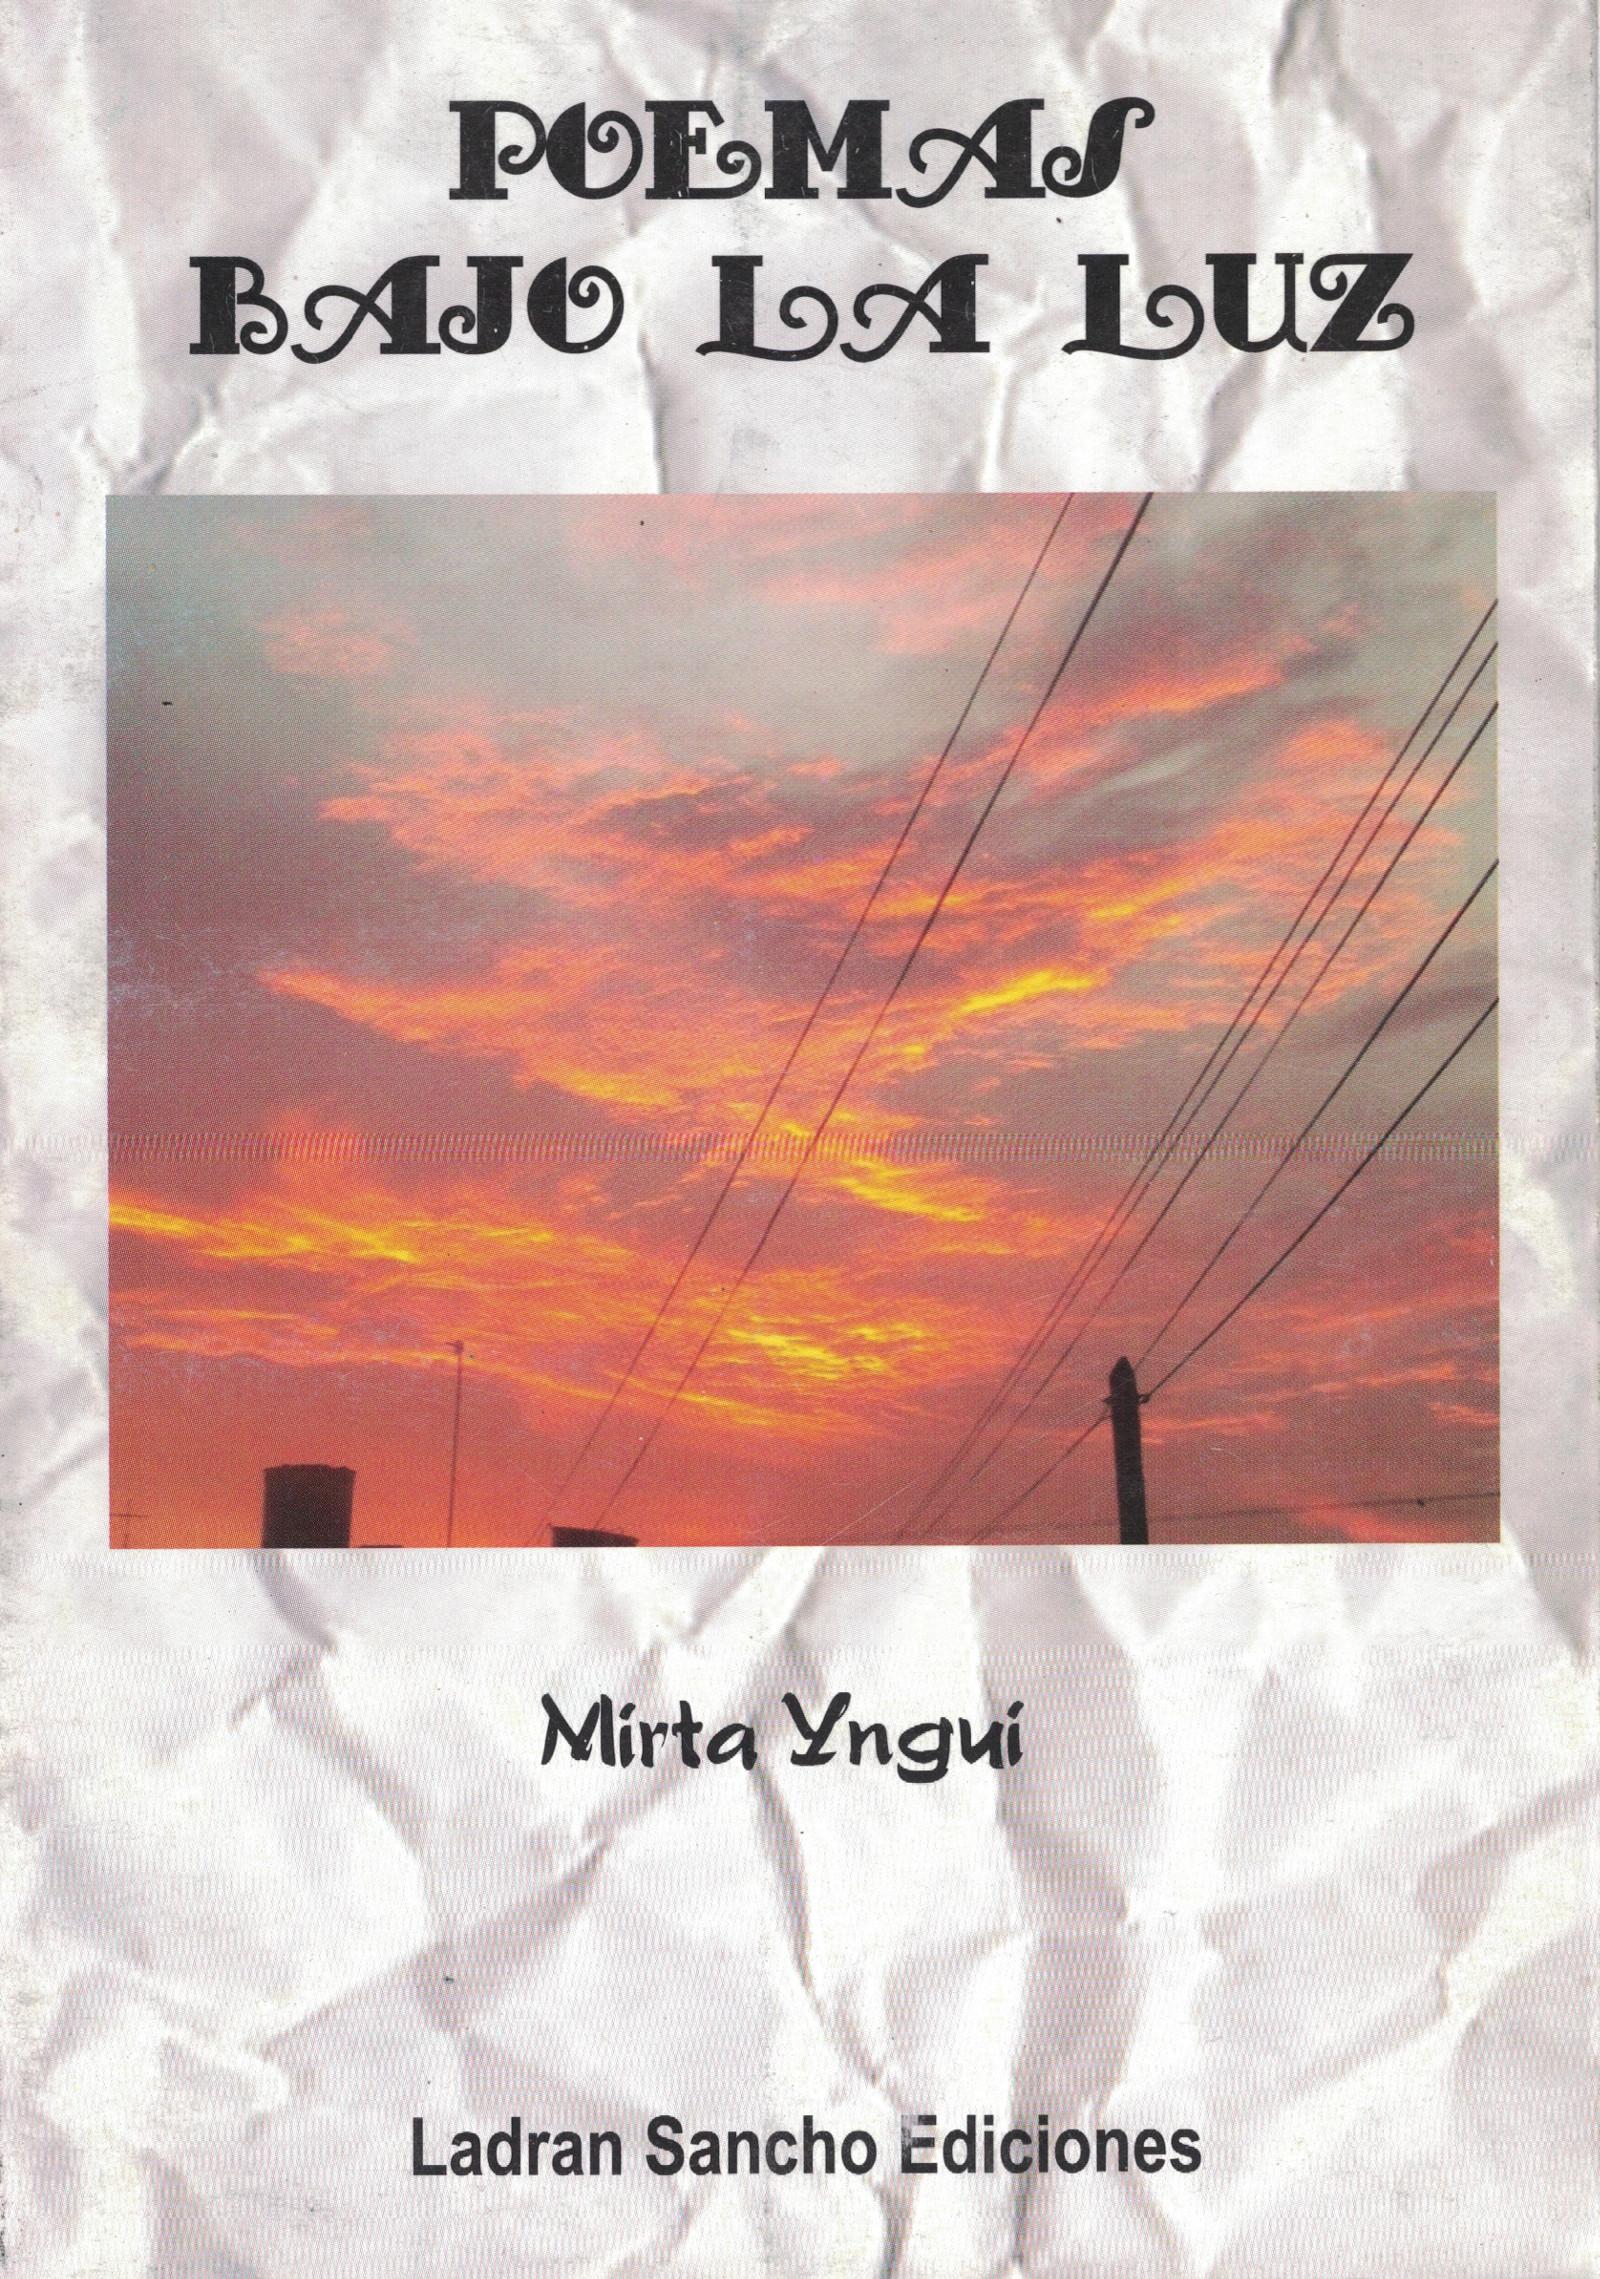 Tapa del Libro: Poemas Bajo la Luz de Mirta Yngui